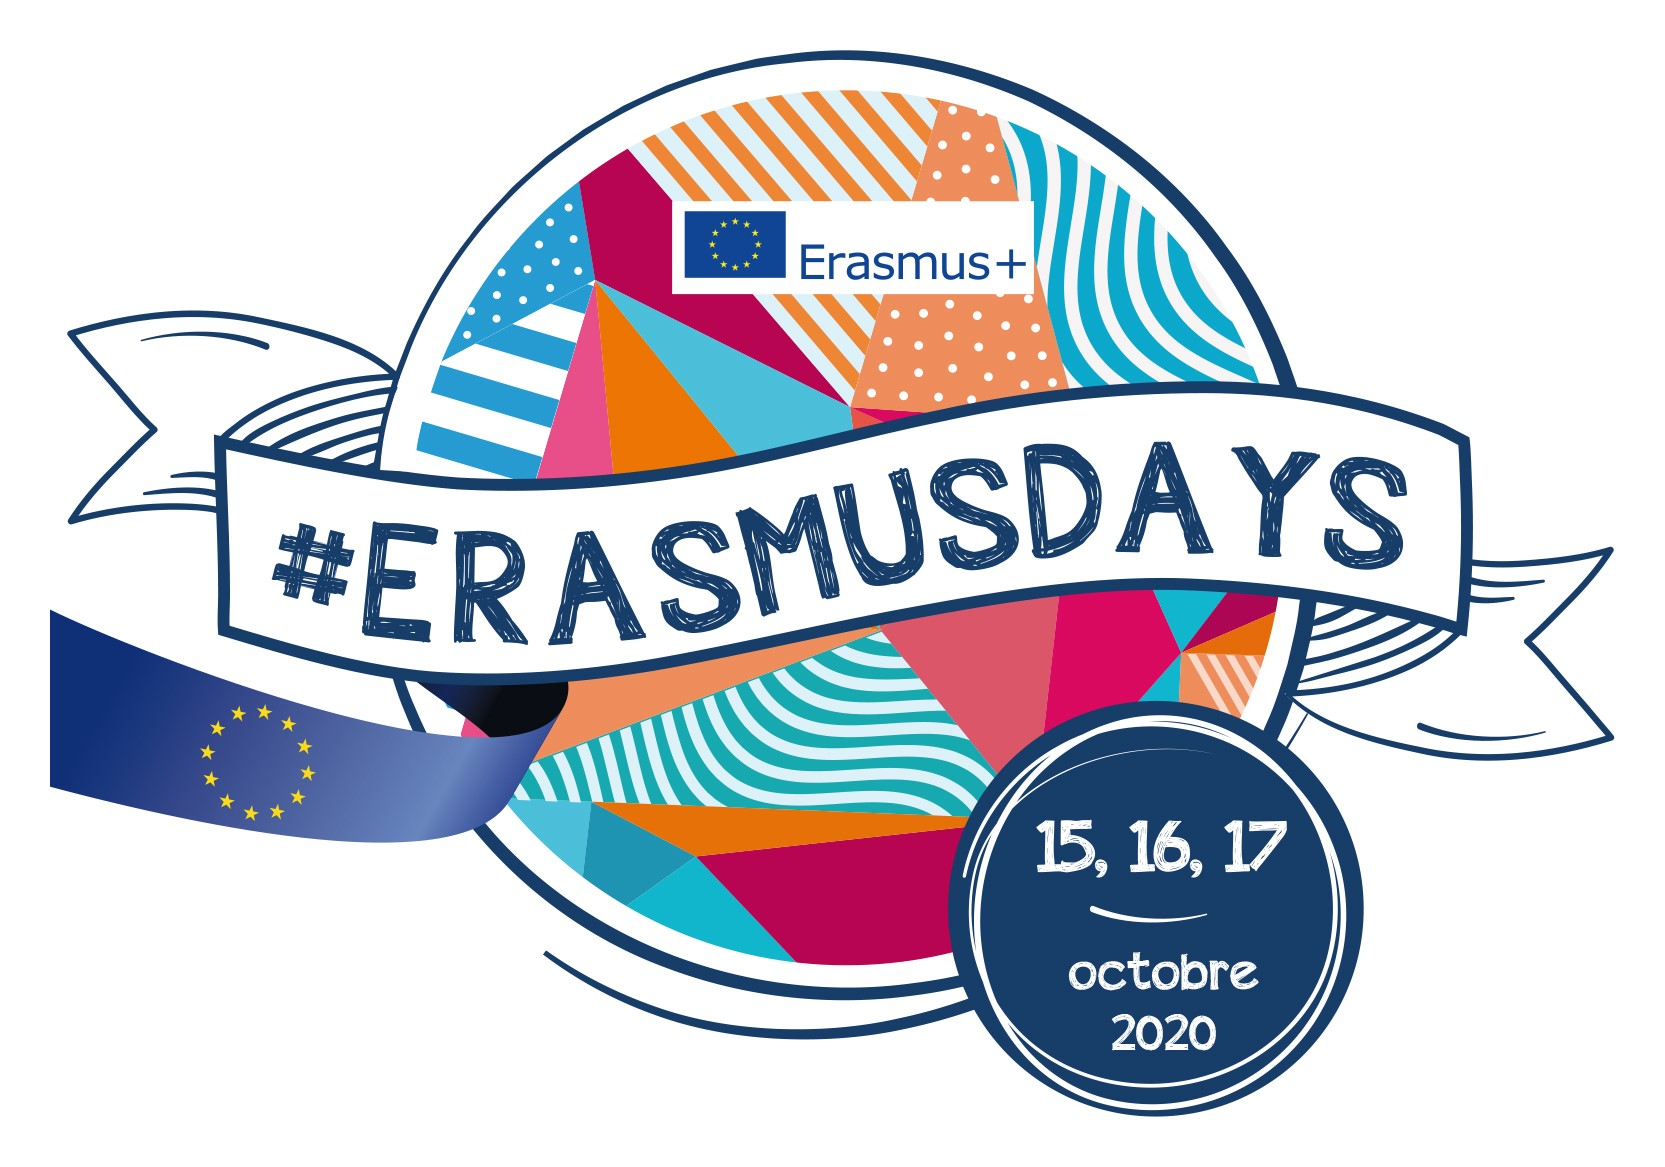 ERASMUSDAYS 2020 AU LYCEE D'ALEMBERT